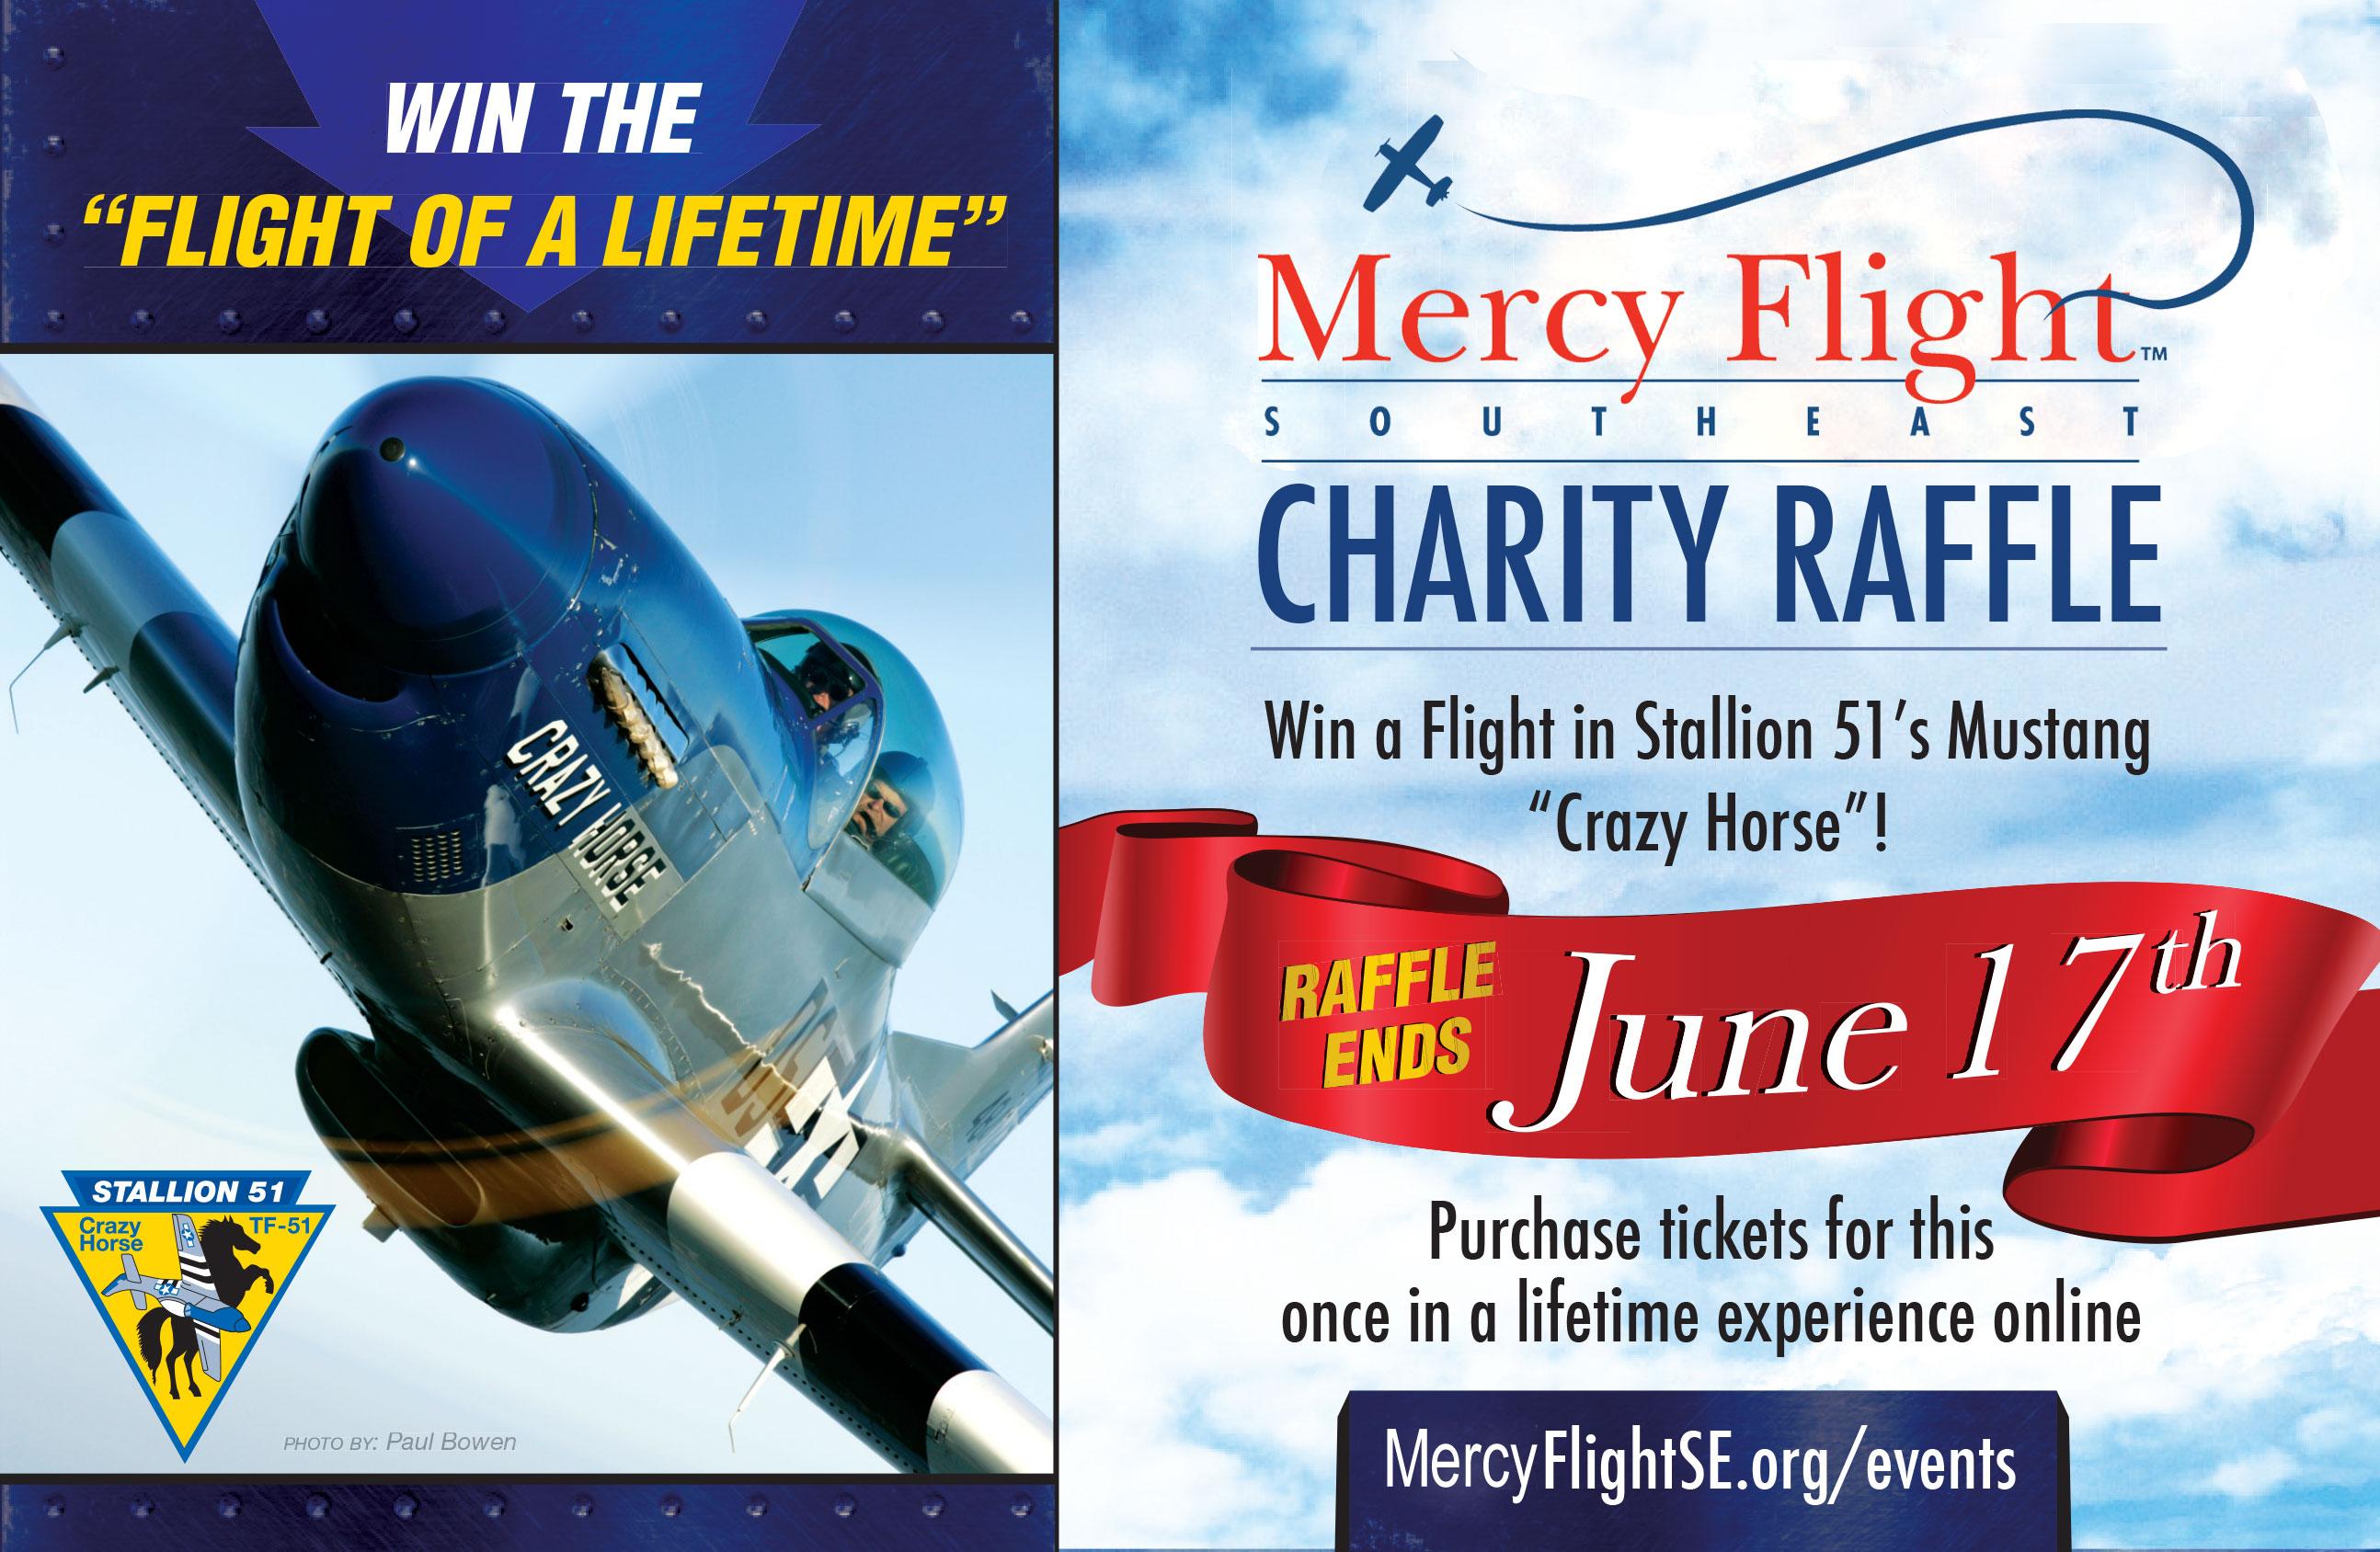 P 51 Mustang Flight Raffle Drawing June 17th Article